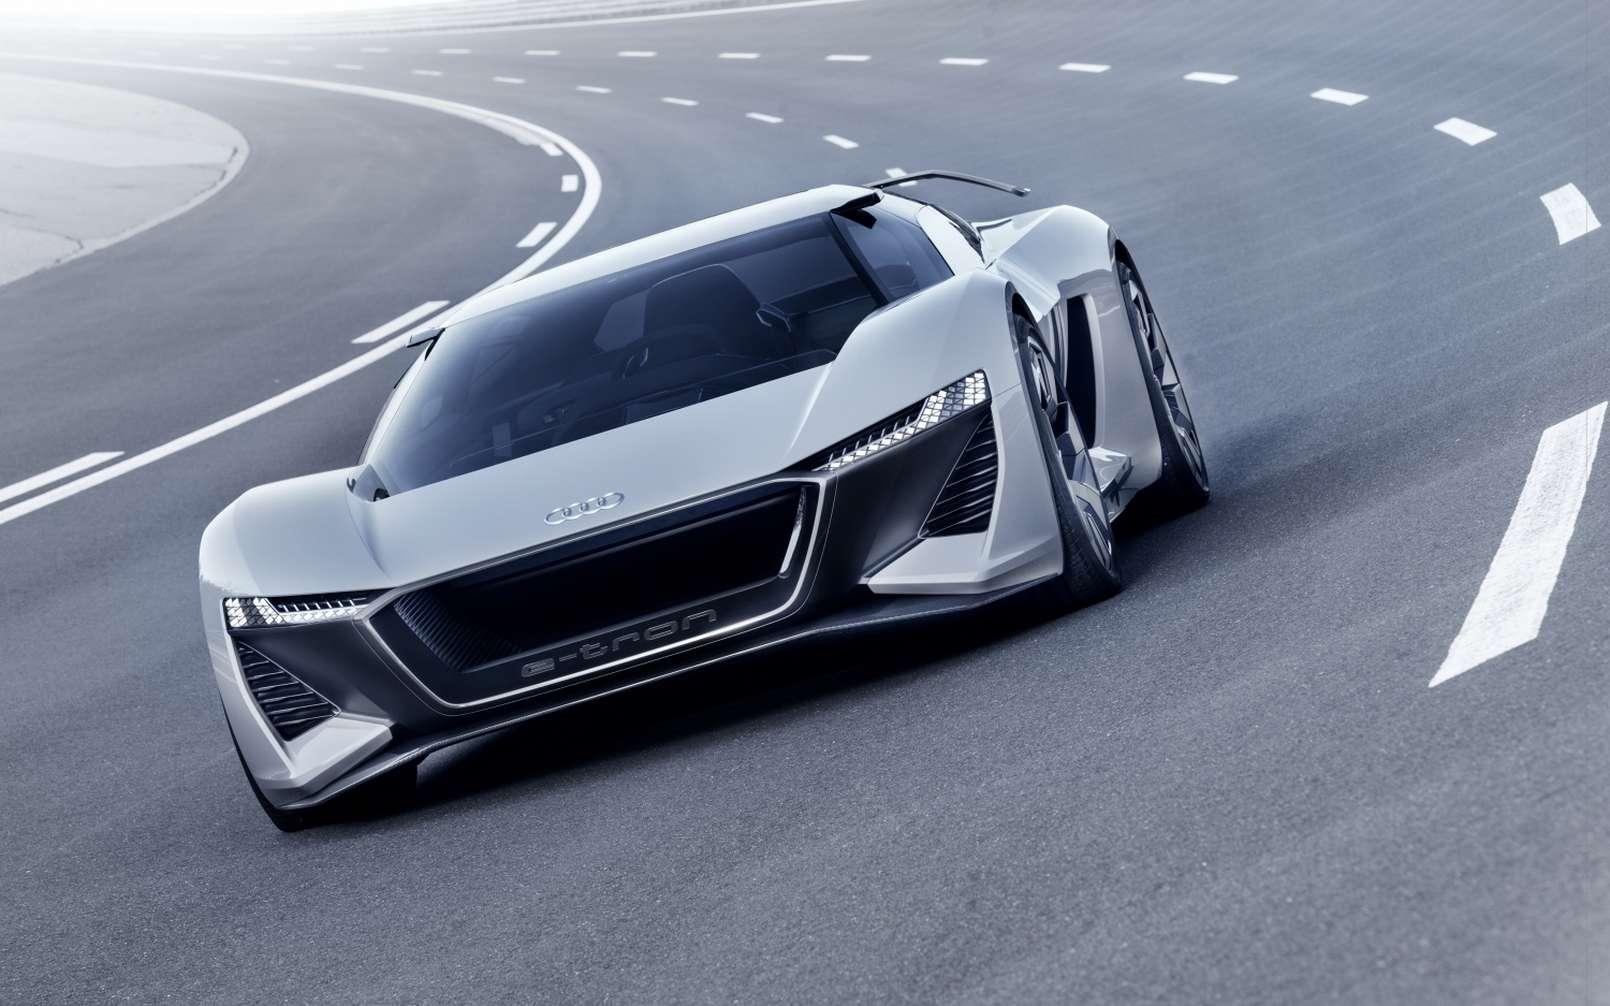 L'Audi e-Tron GTR pourrait être la future supercar d'Audi. © Audi